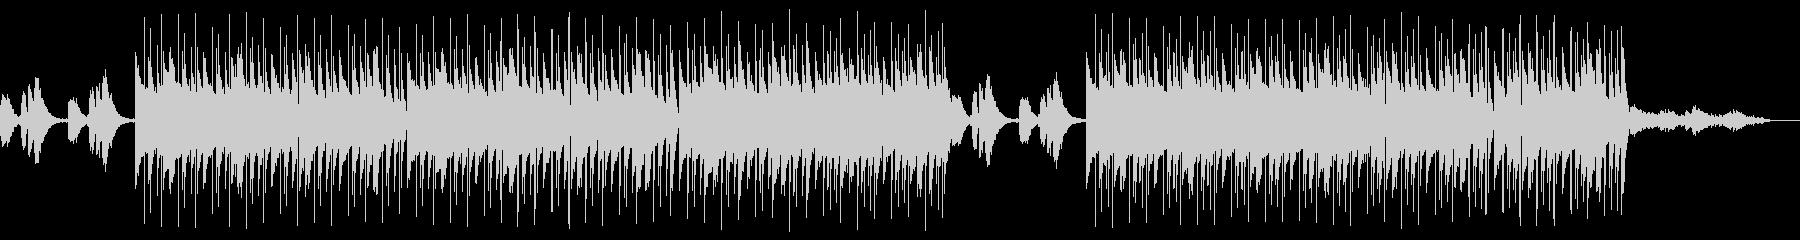 Lofi Hiphop 夕暮れのビーチの未再生の波形